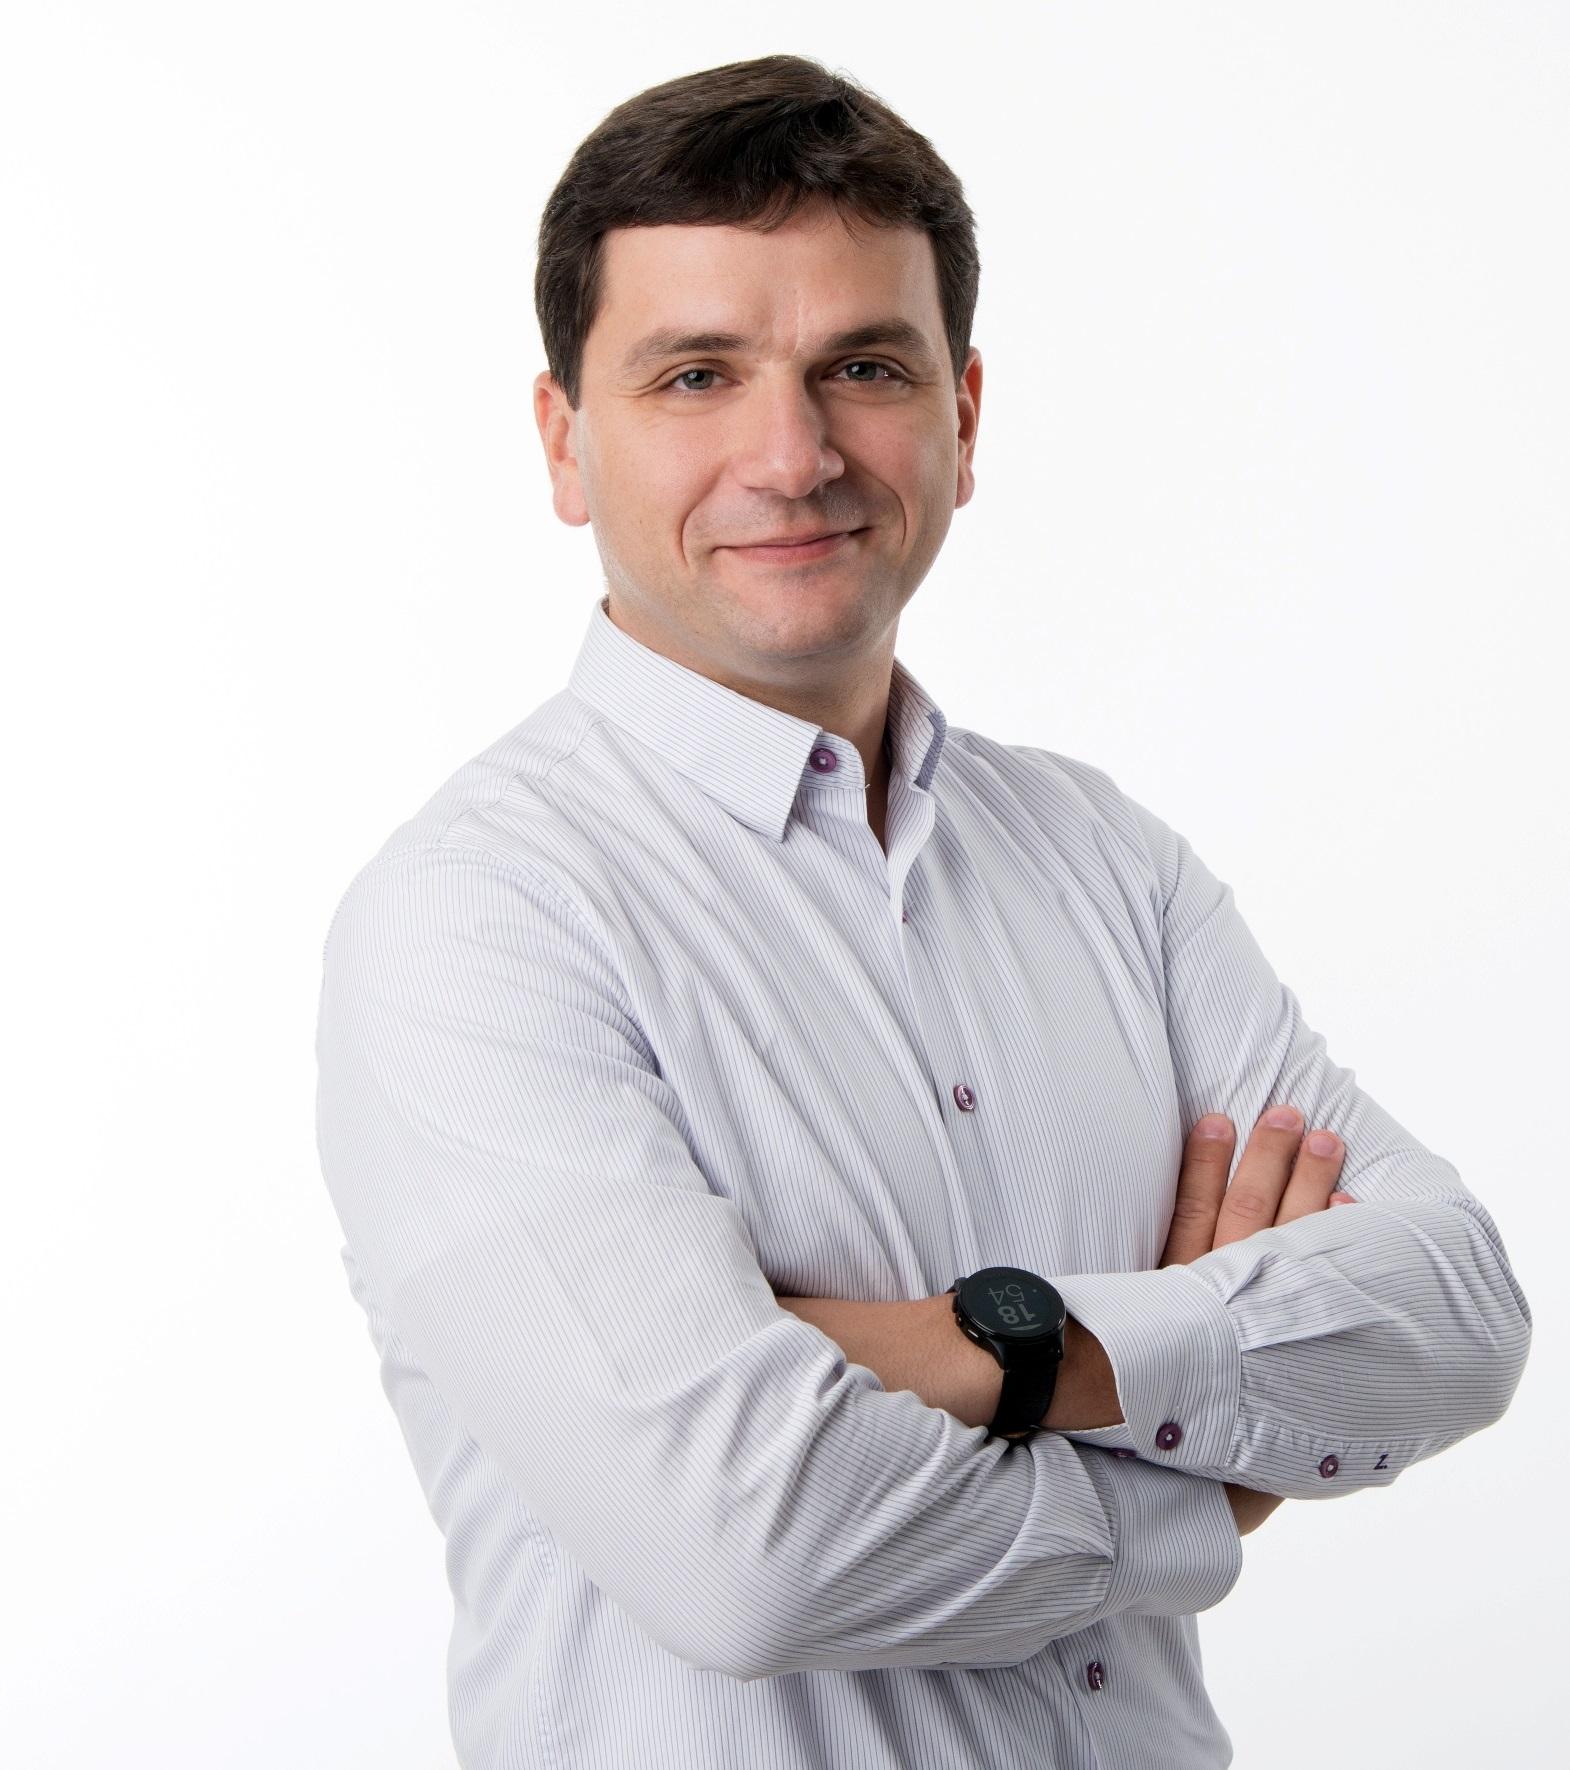 Alexandru_Lapusan_Zitec